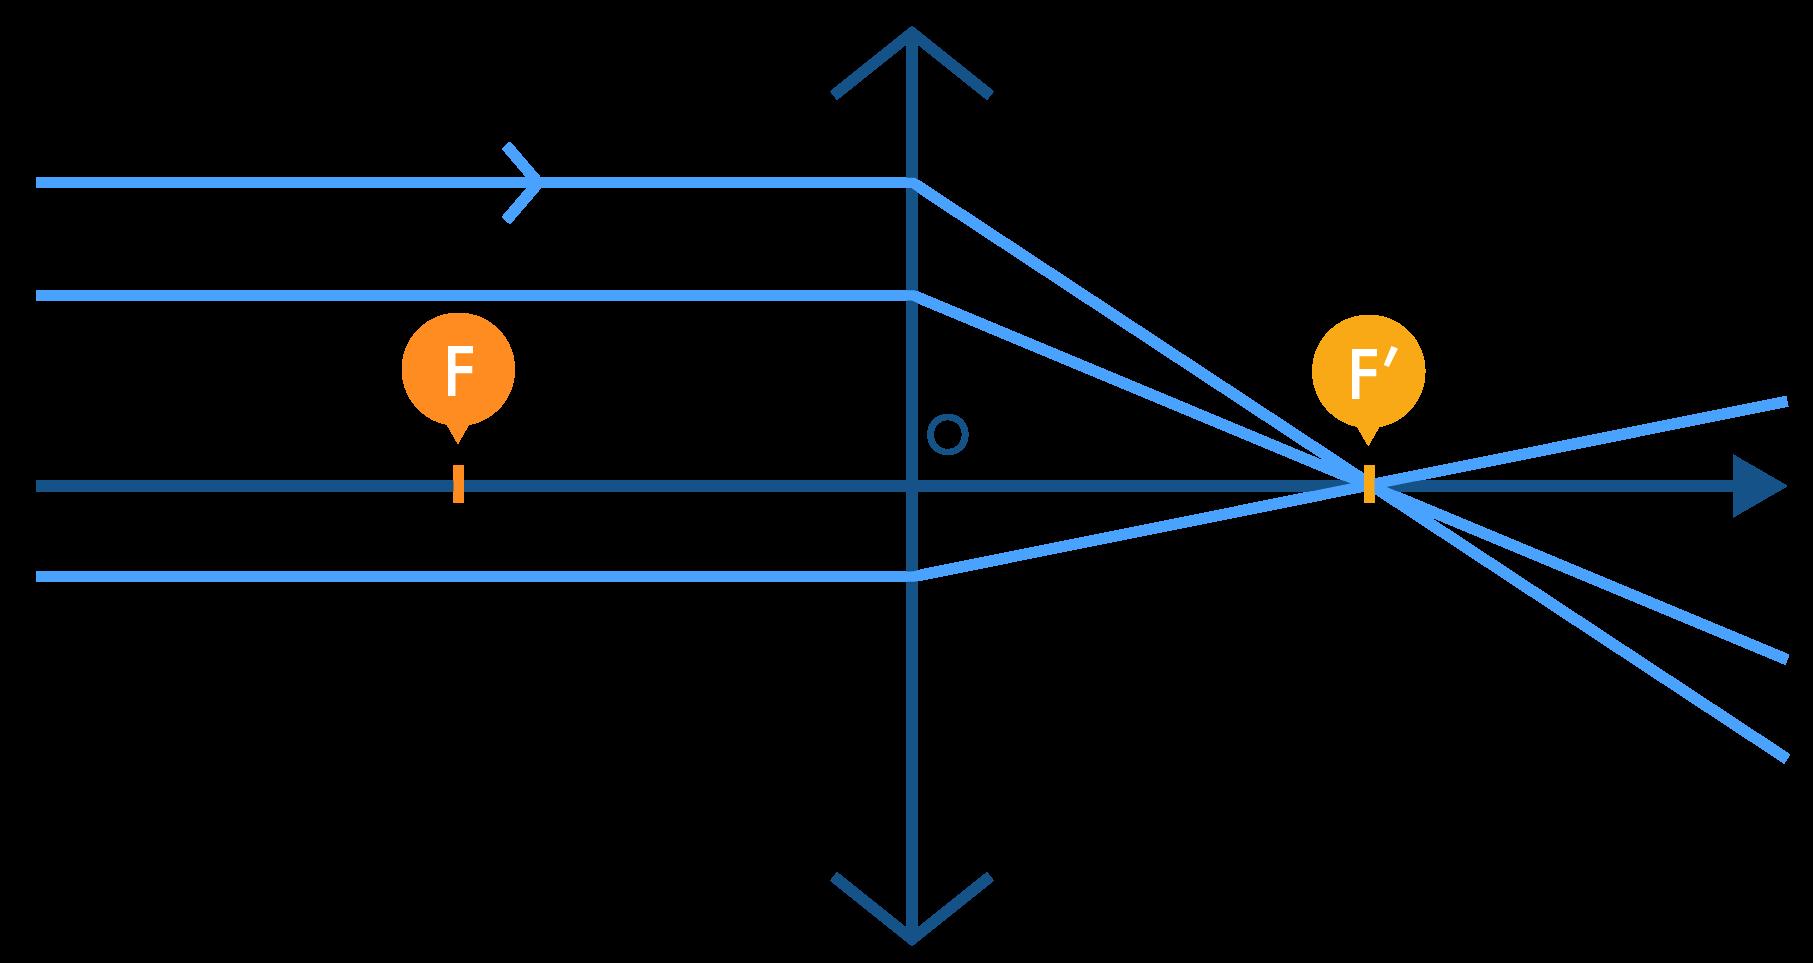 Rayons incidents particuliers parallèles à l'axe optique et convergeant vers le foyer image